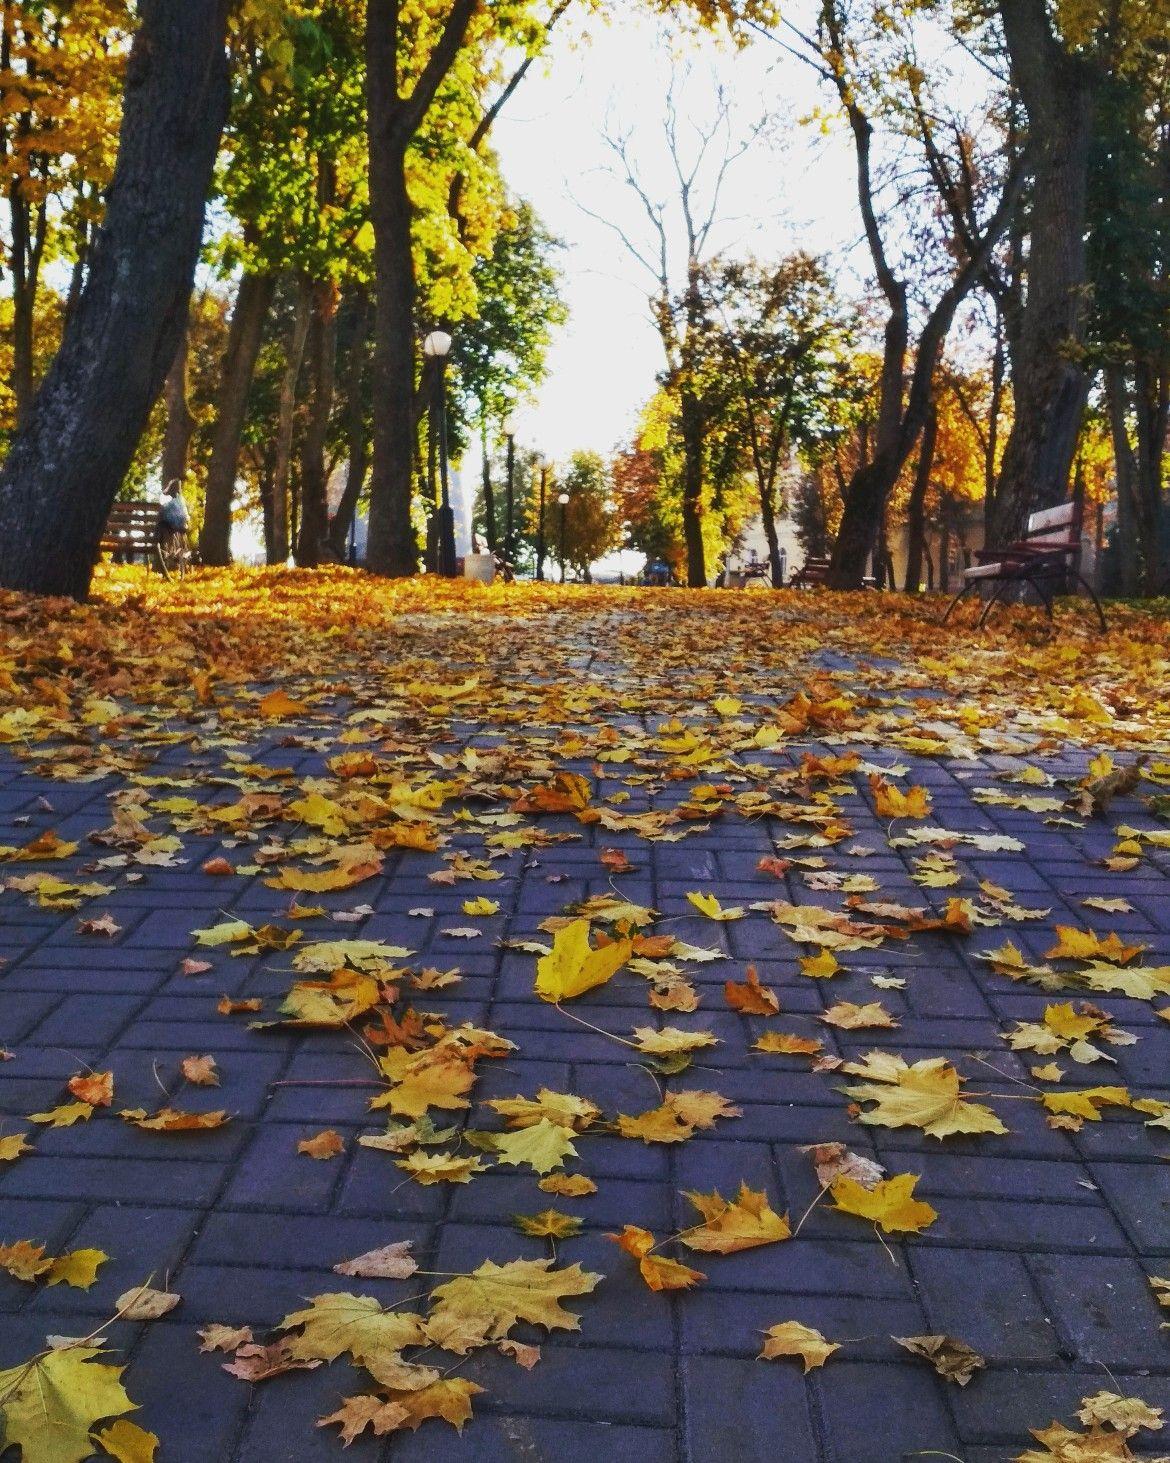 Осень в городе. Парк   Осенние фотографии, Инстаграм ...